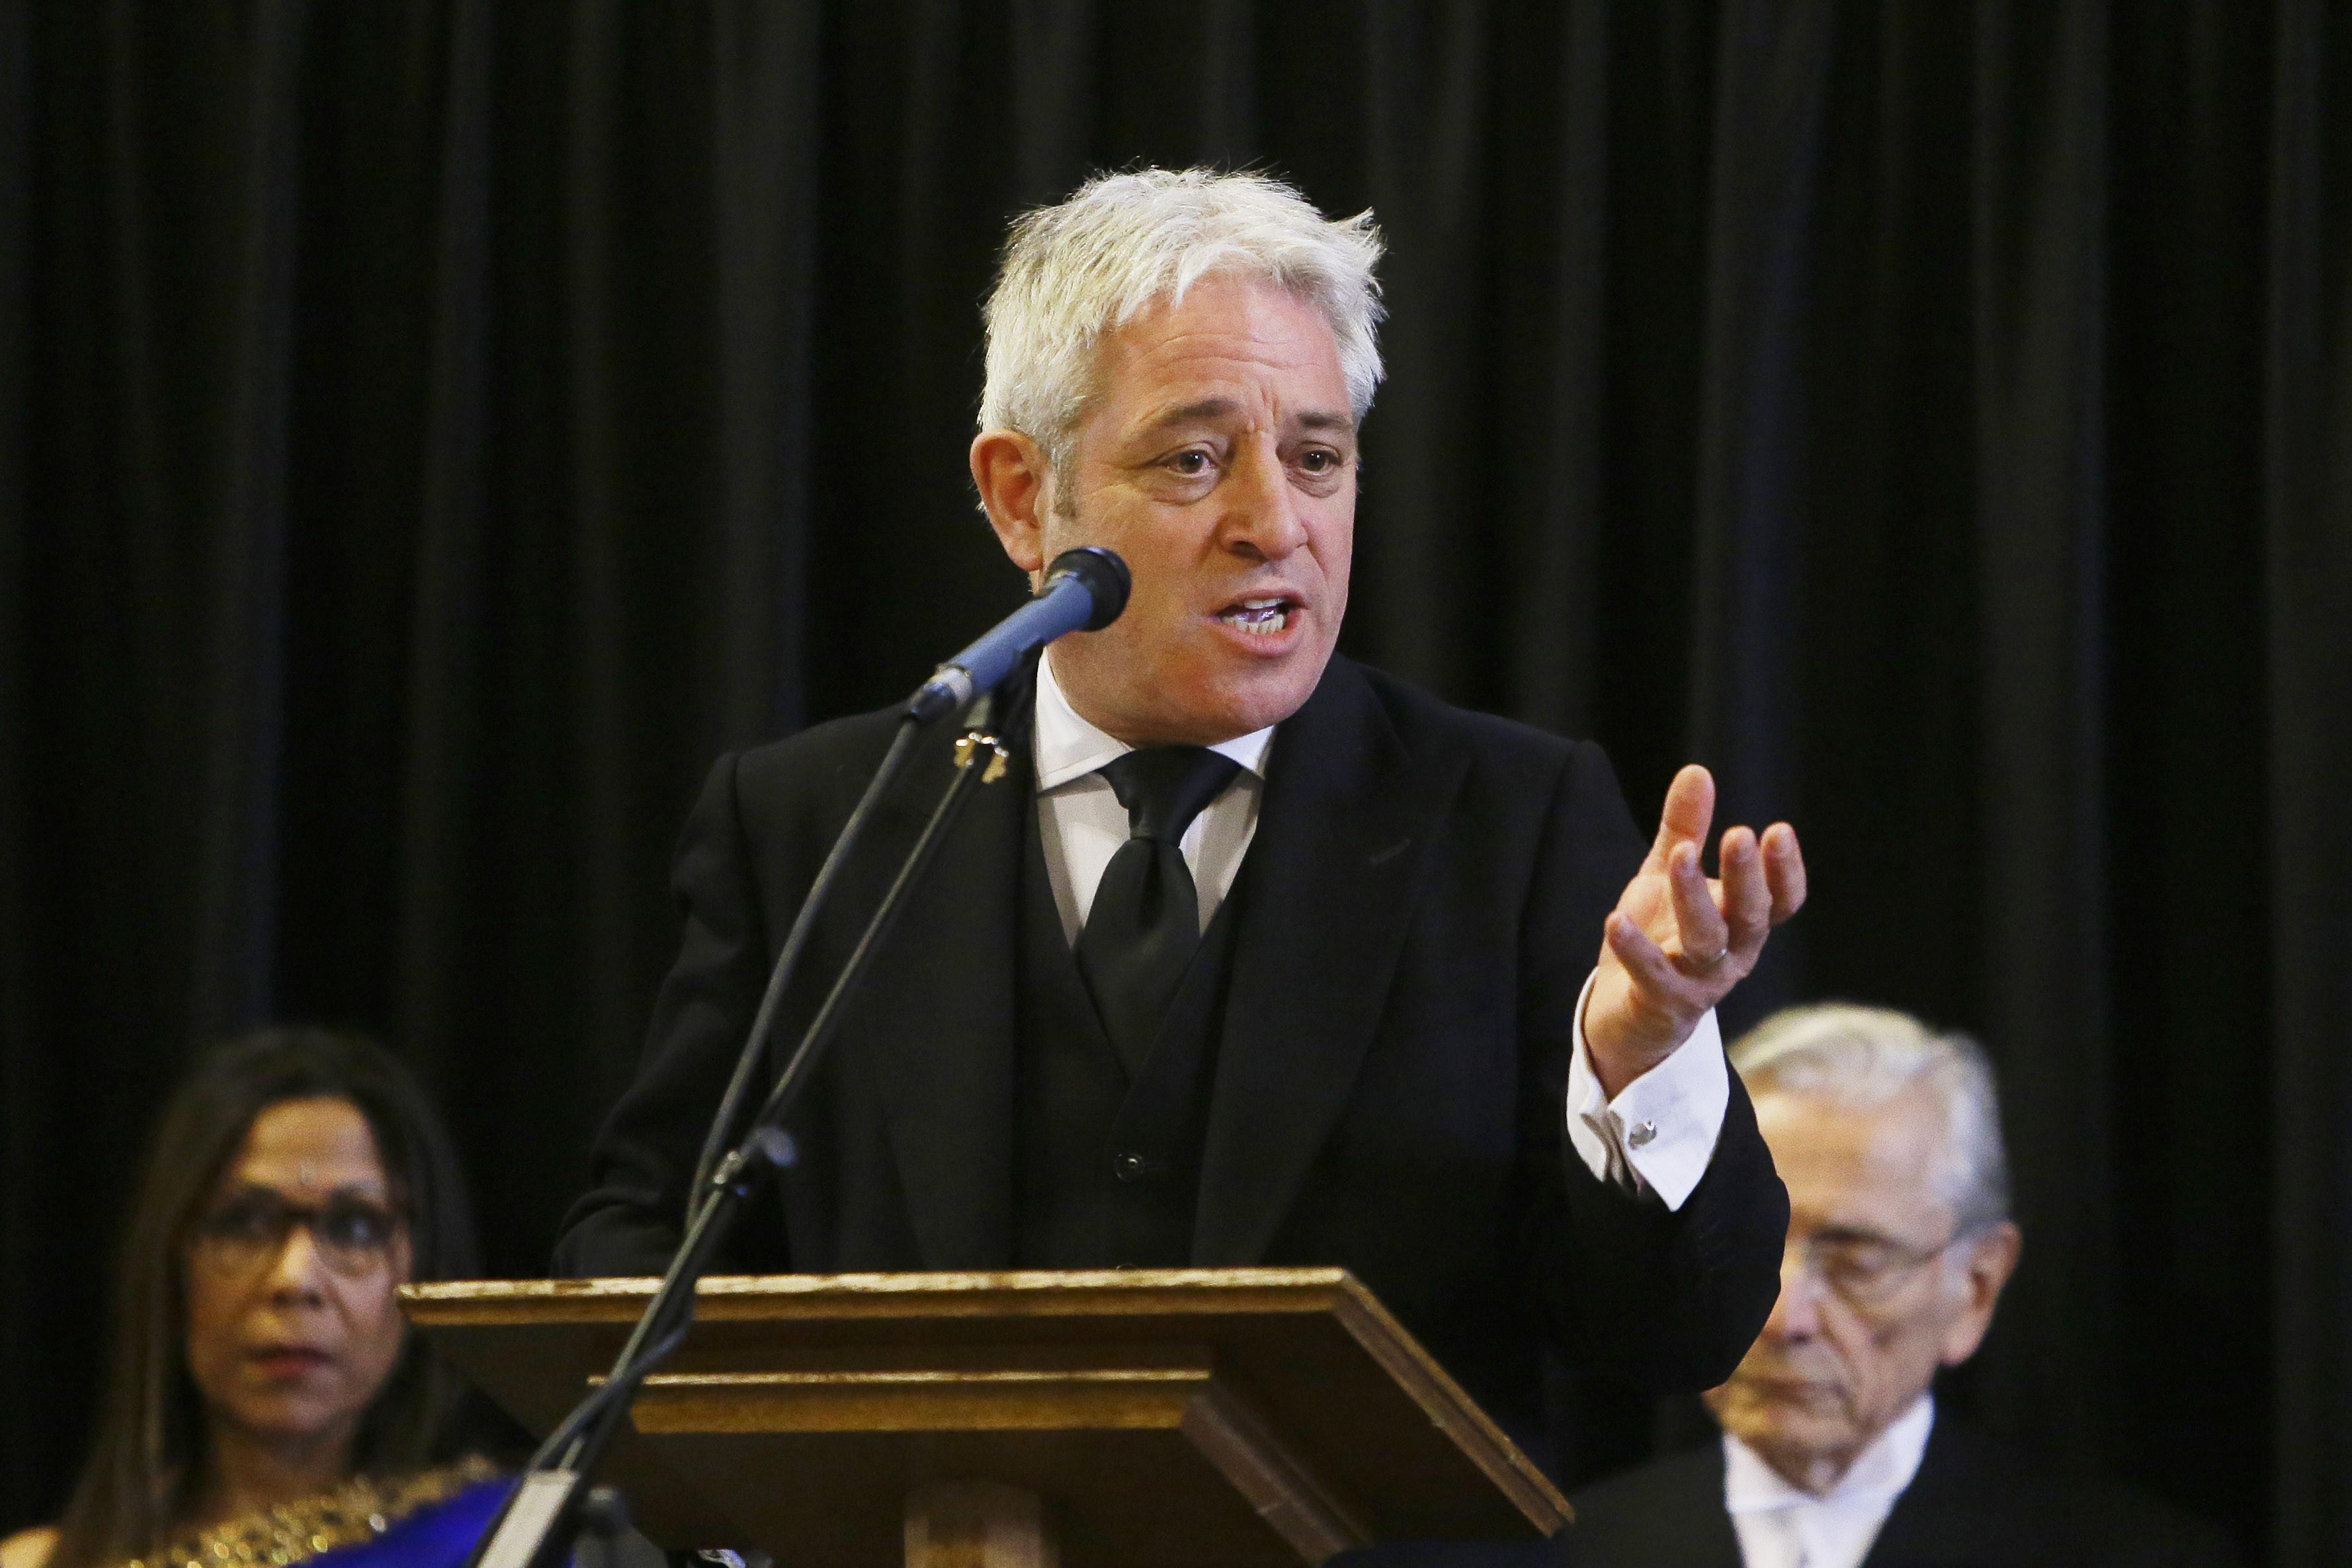 Presidente do parlamento surpreende e ameaça vetar nova votação do Acordo